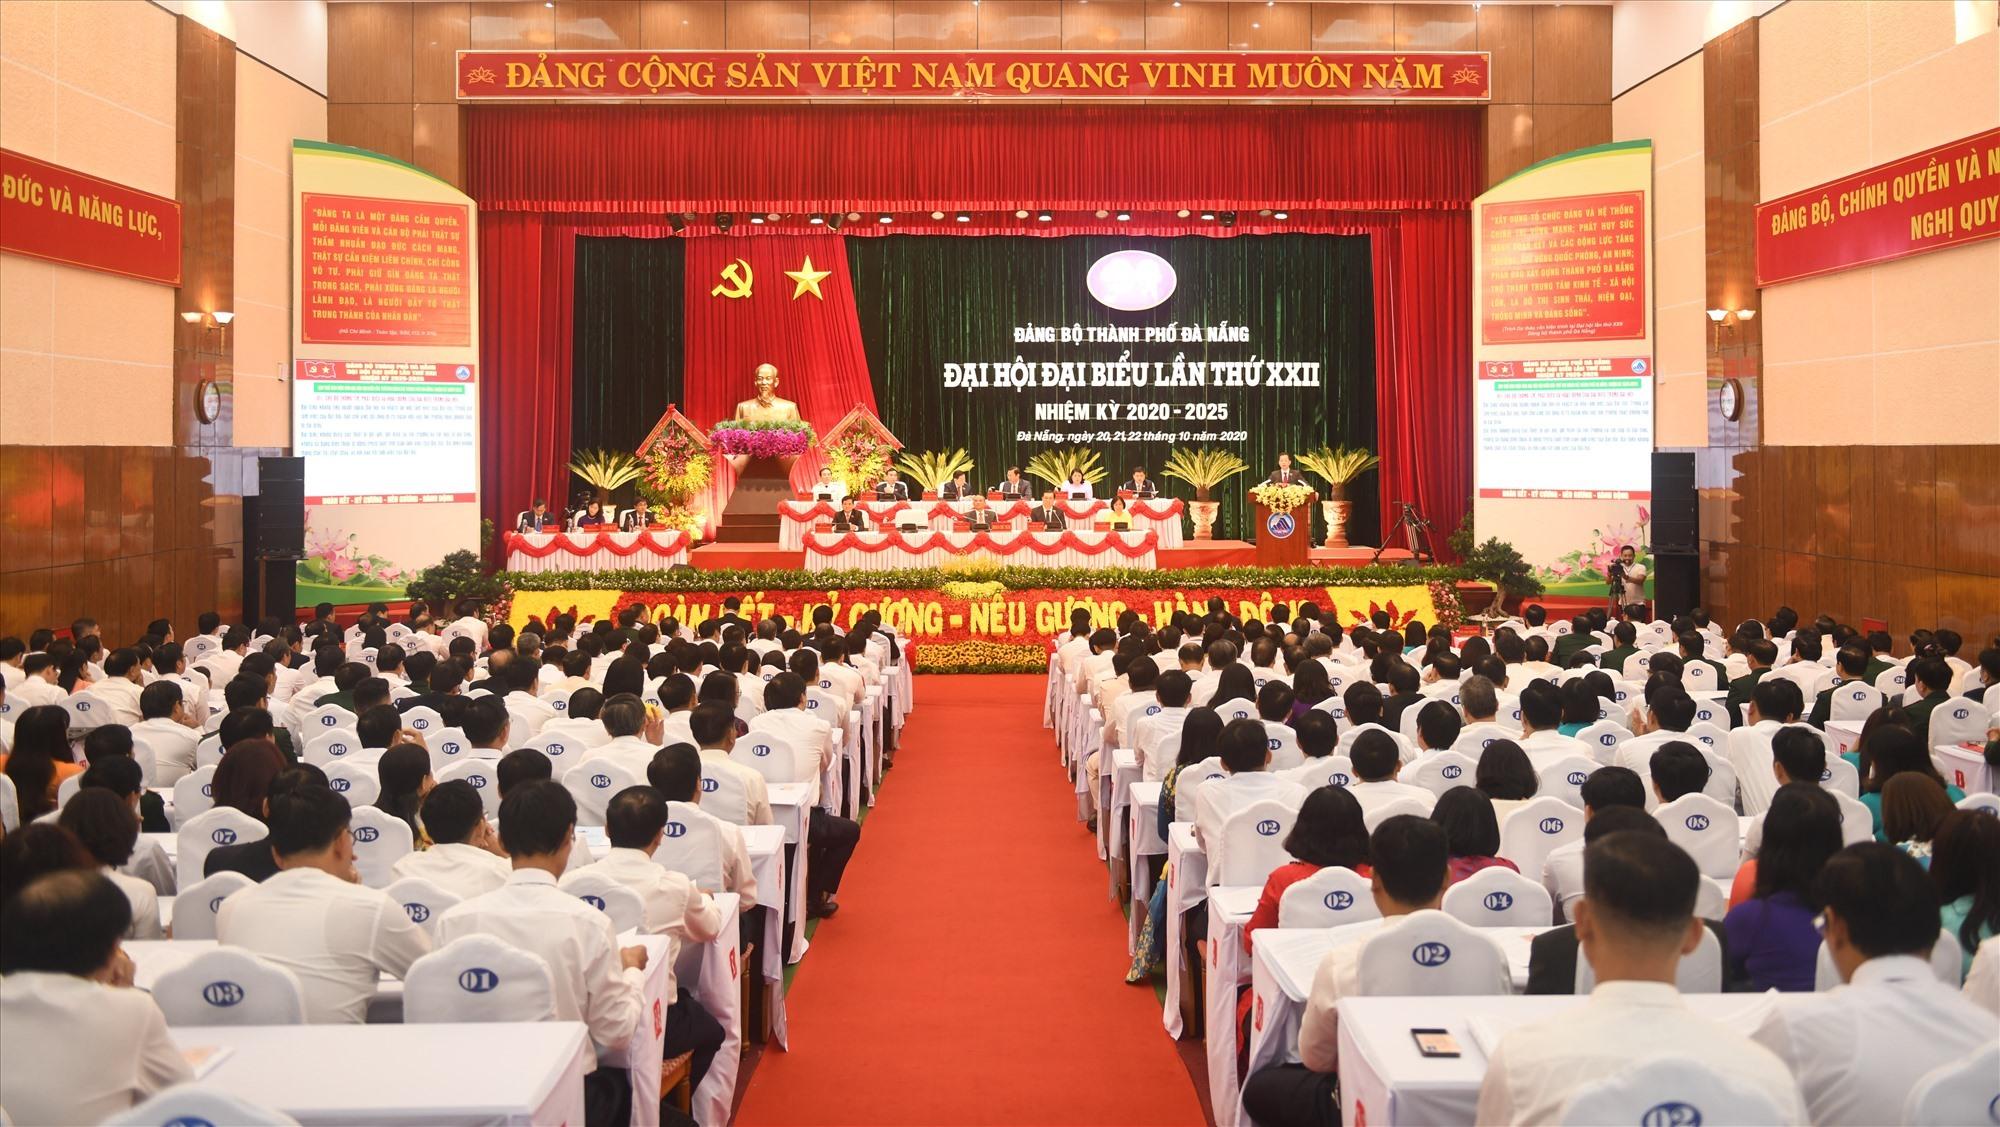 Đại hội đại biểu Đảng bộ TP.Đà Nẵng lần thứ XXII (nhiệm kỳ 2020 - 2025)